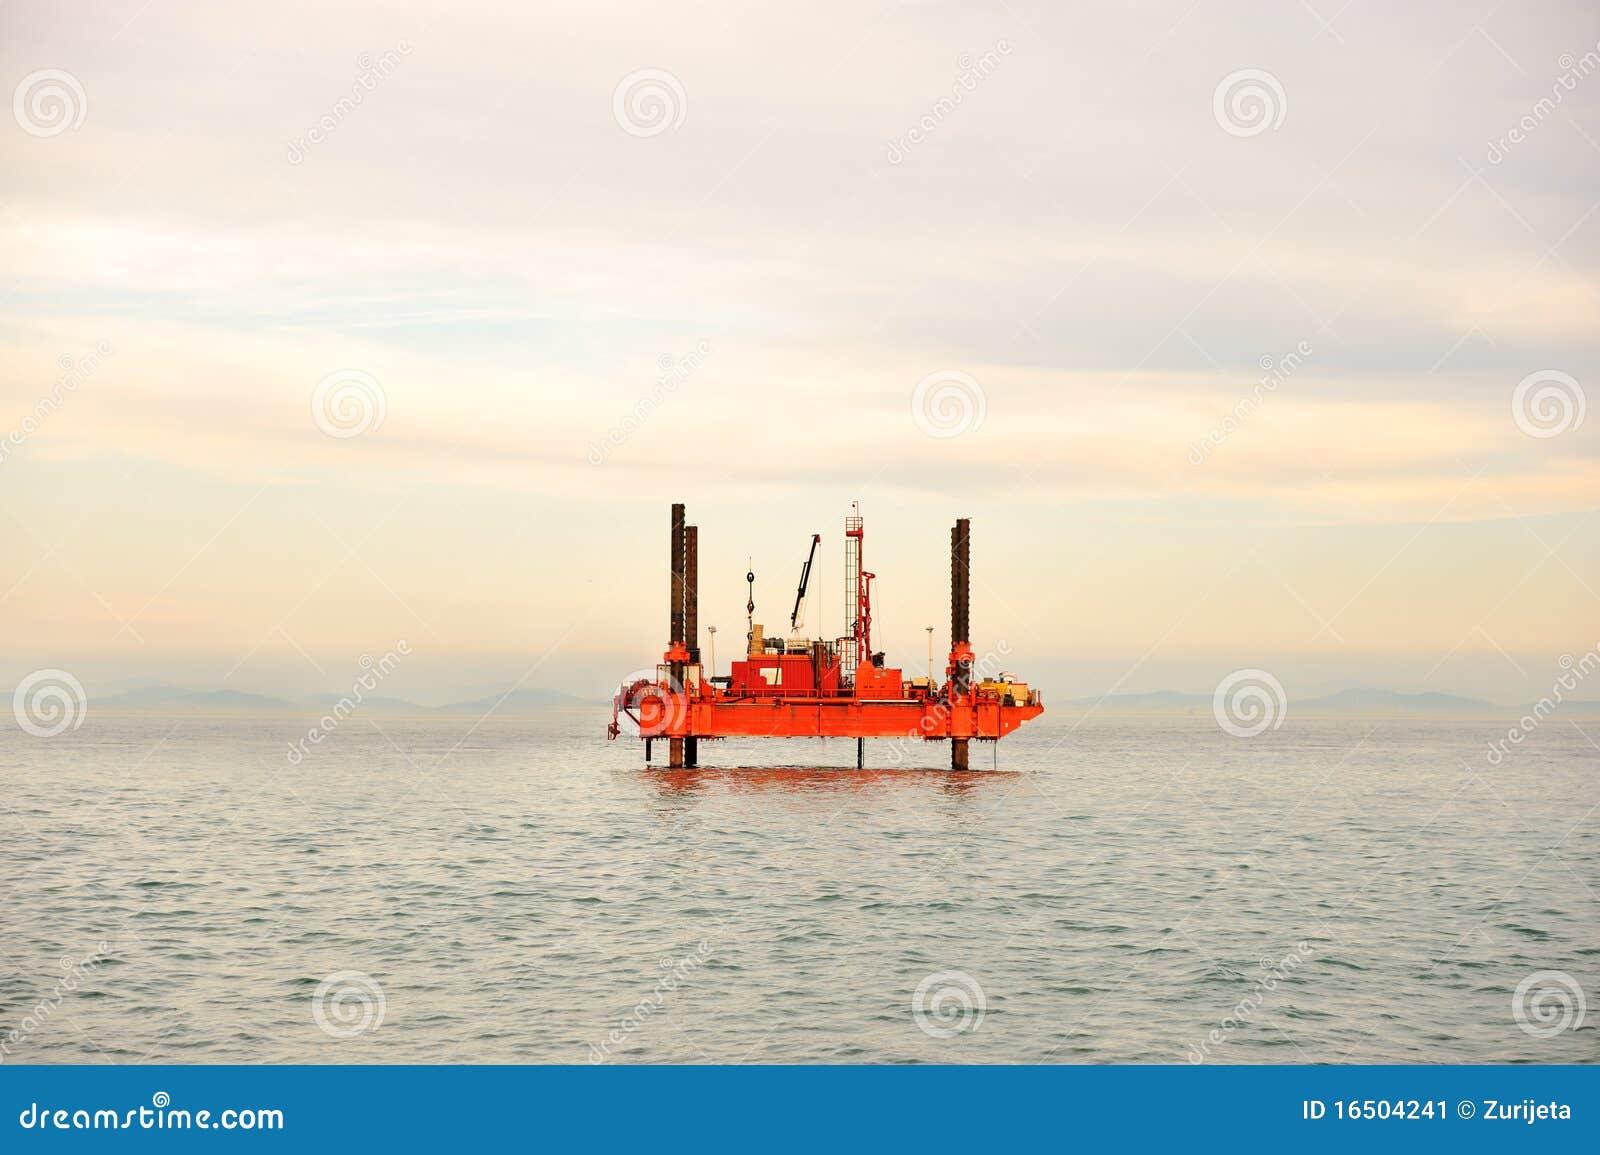 Oljeplattform